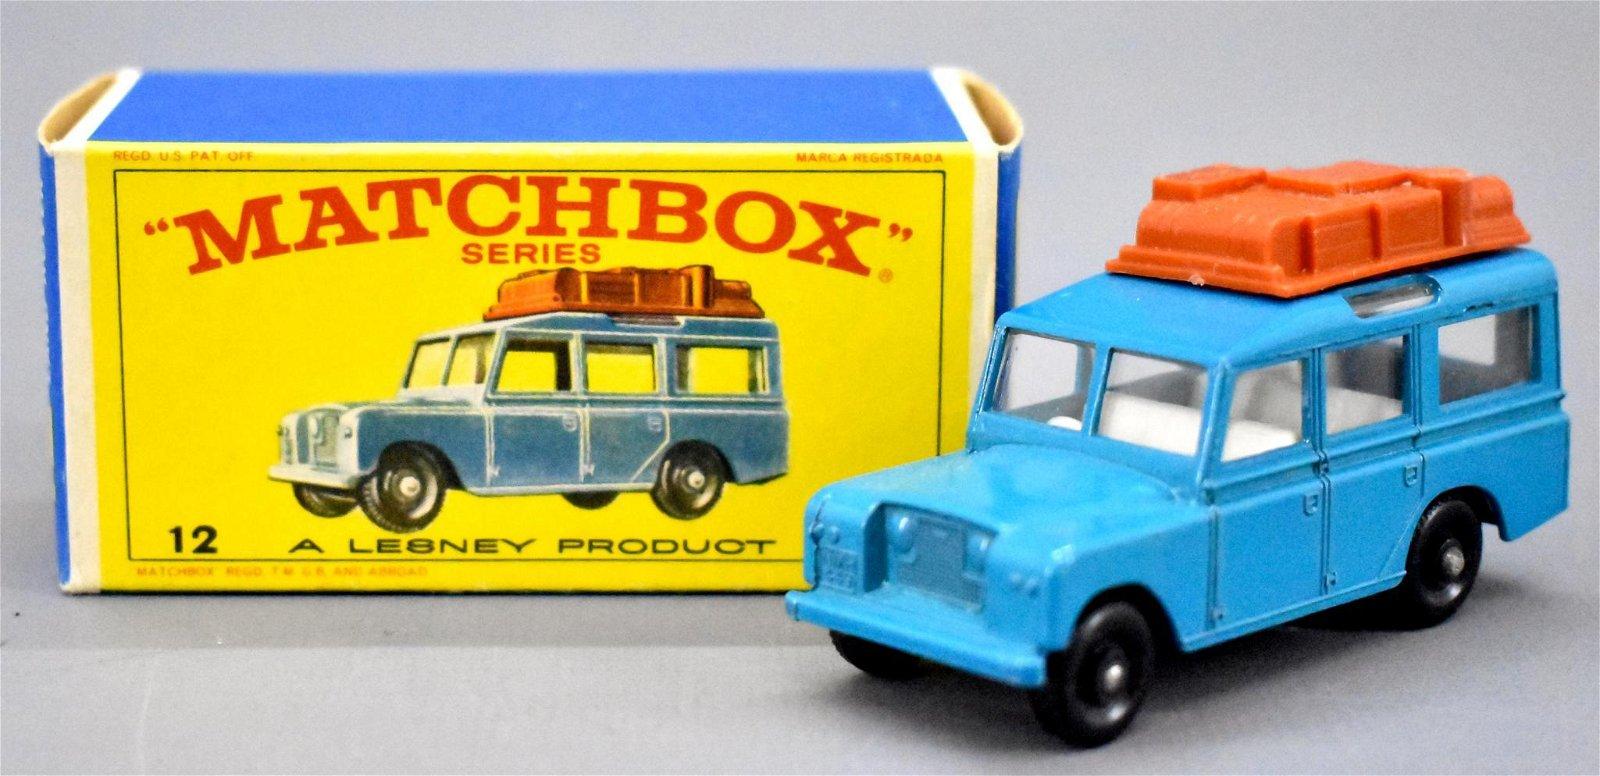 Vintage Matchbox die cast 12 Safari Land Rover in